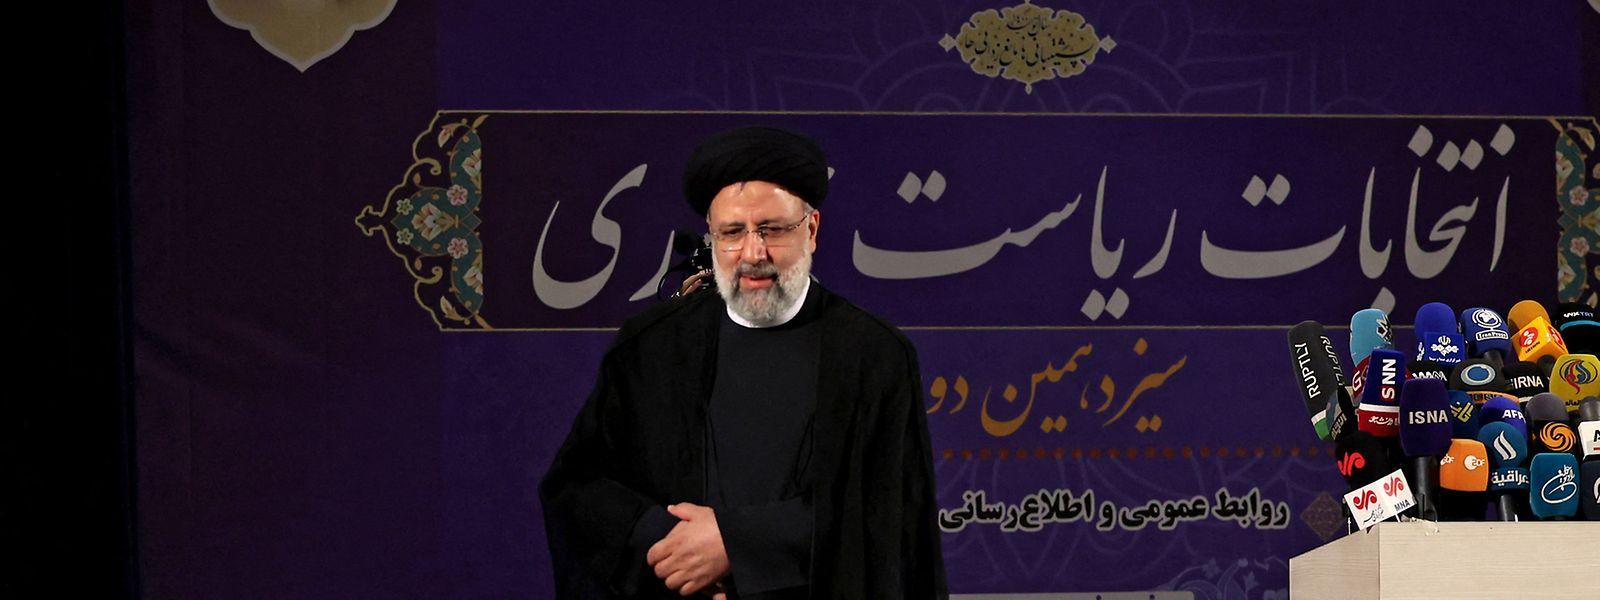 Nachdem mehrere aussichtsreiche Mitbewerber von den Präsidentschaftswahlen im Iran ausgeschlossen wurden, gilt Ebrahim Raisi als haushoher Favorit.